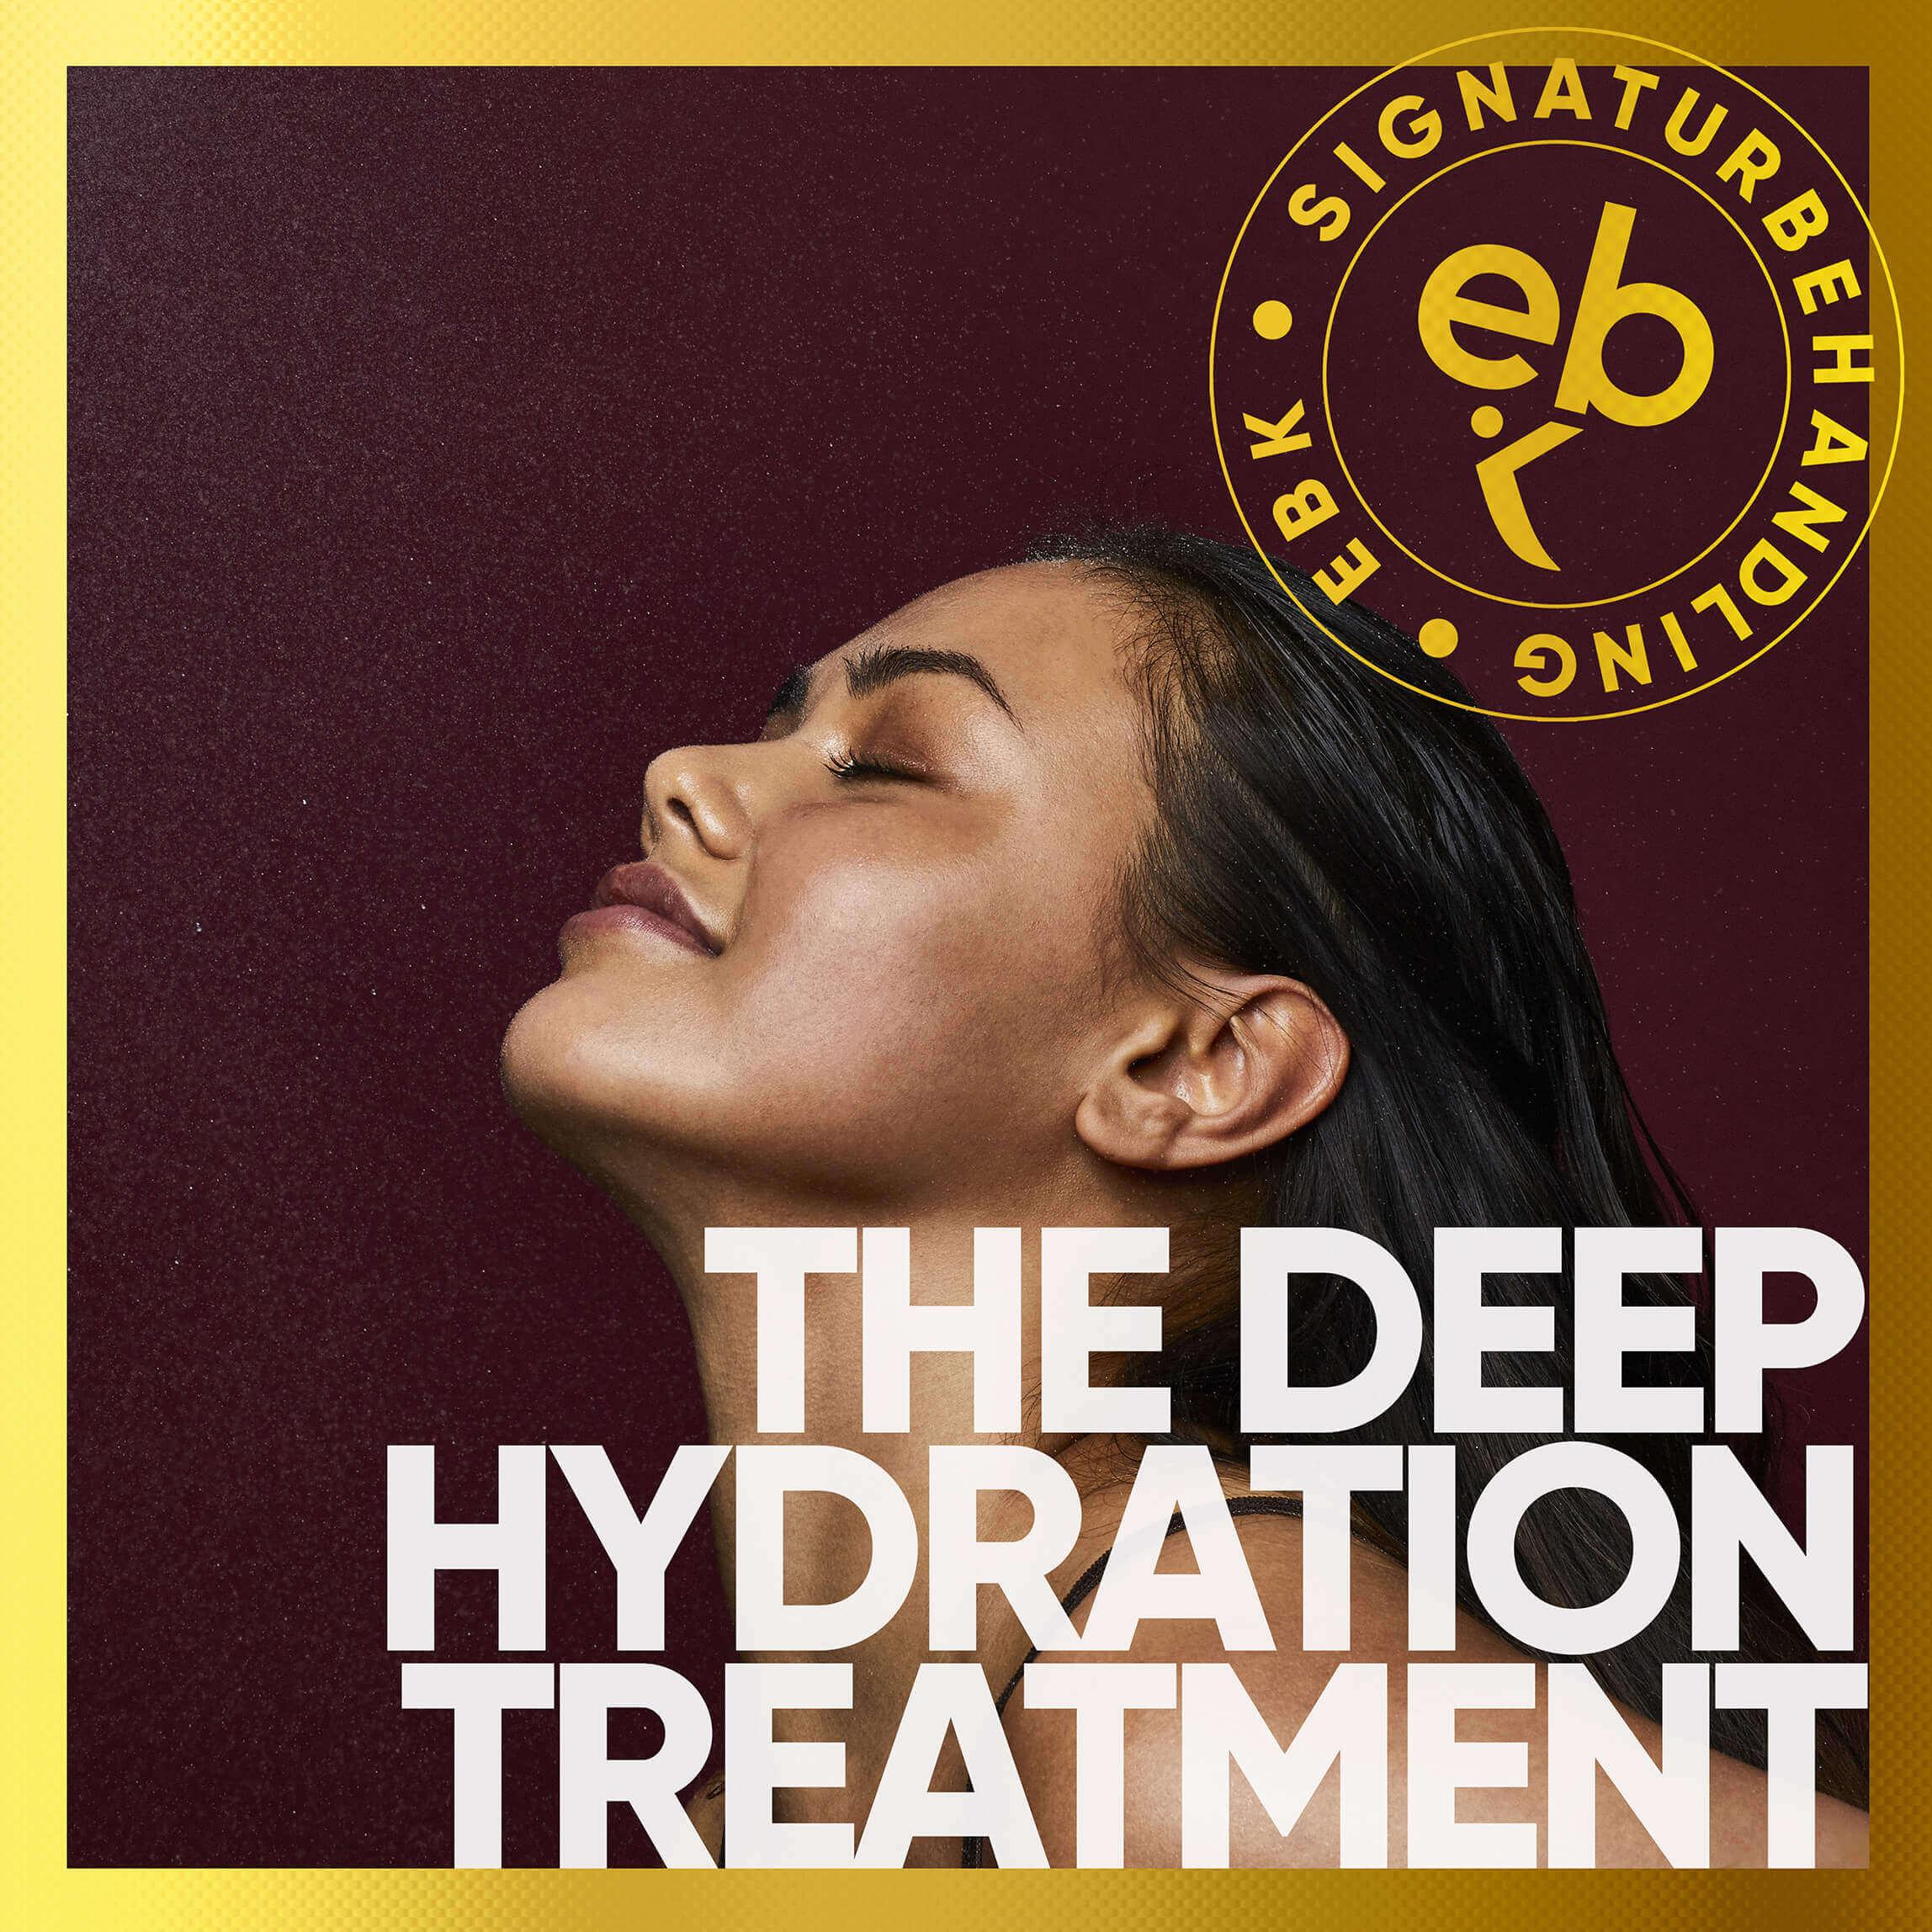 THE DEEP HYDRATION TREATMENT